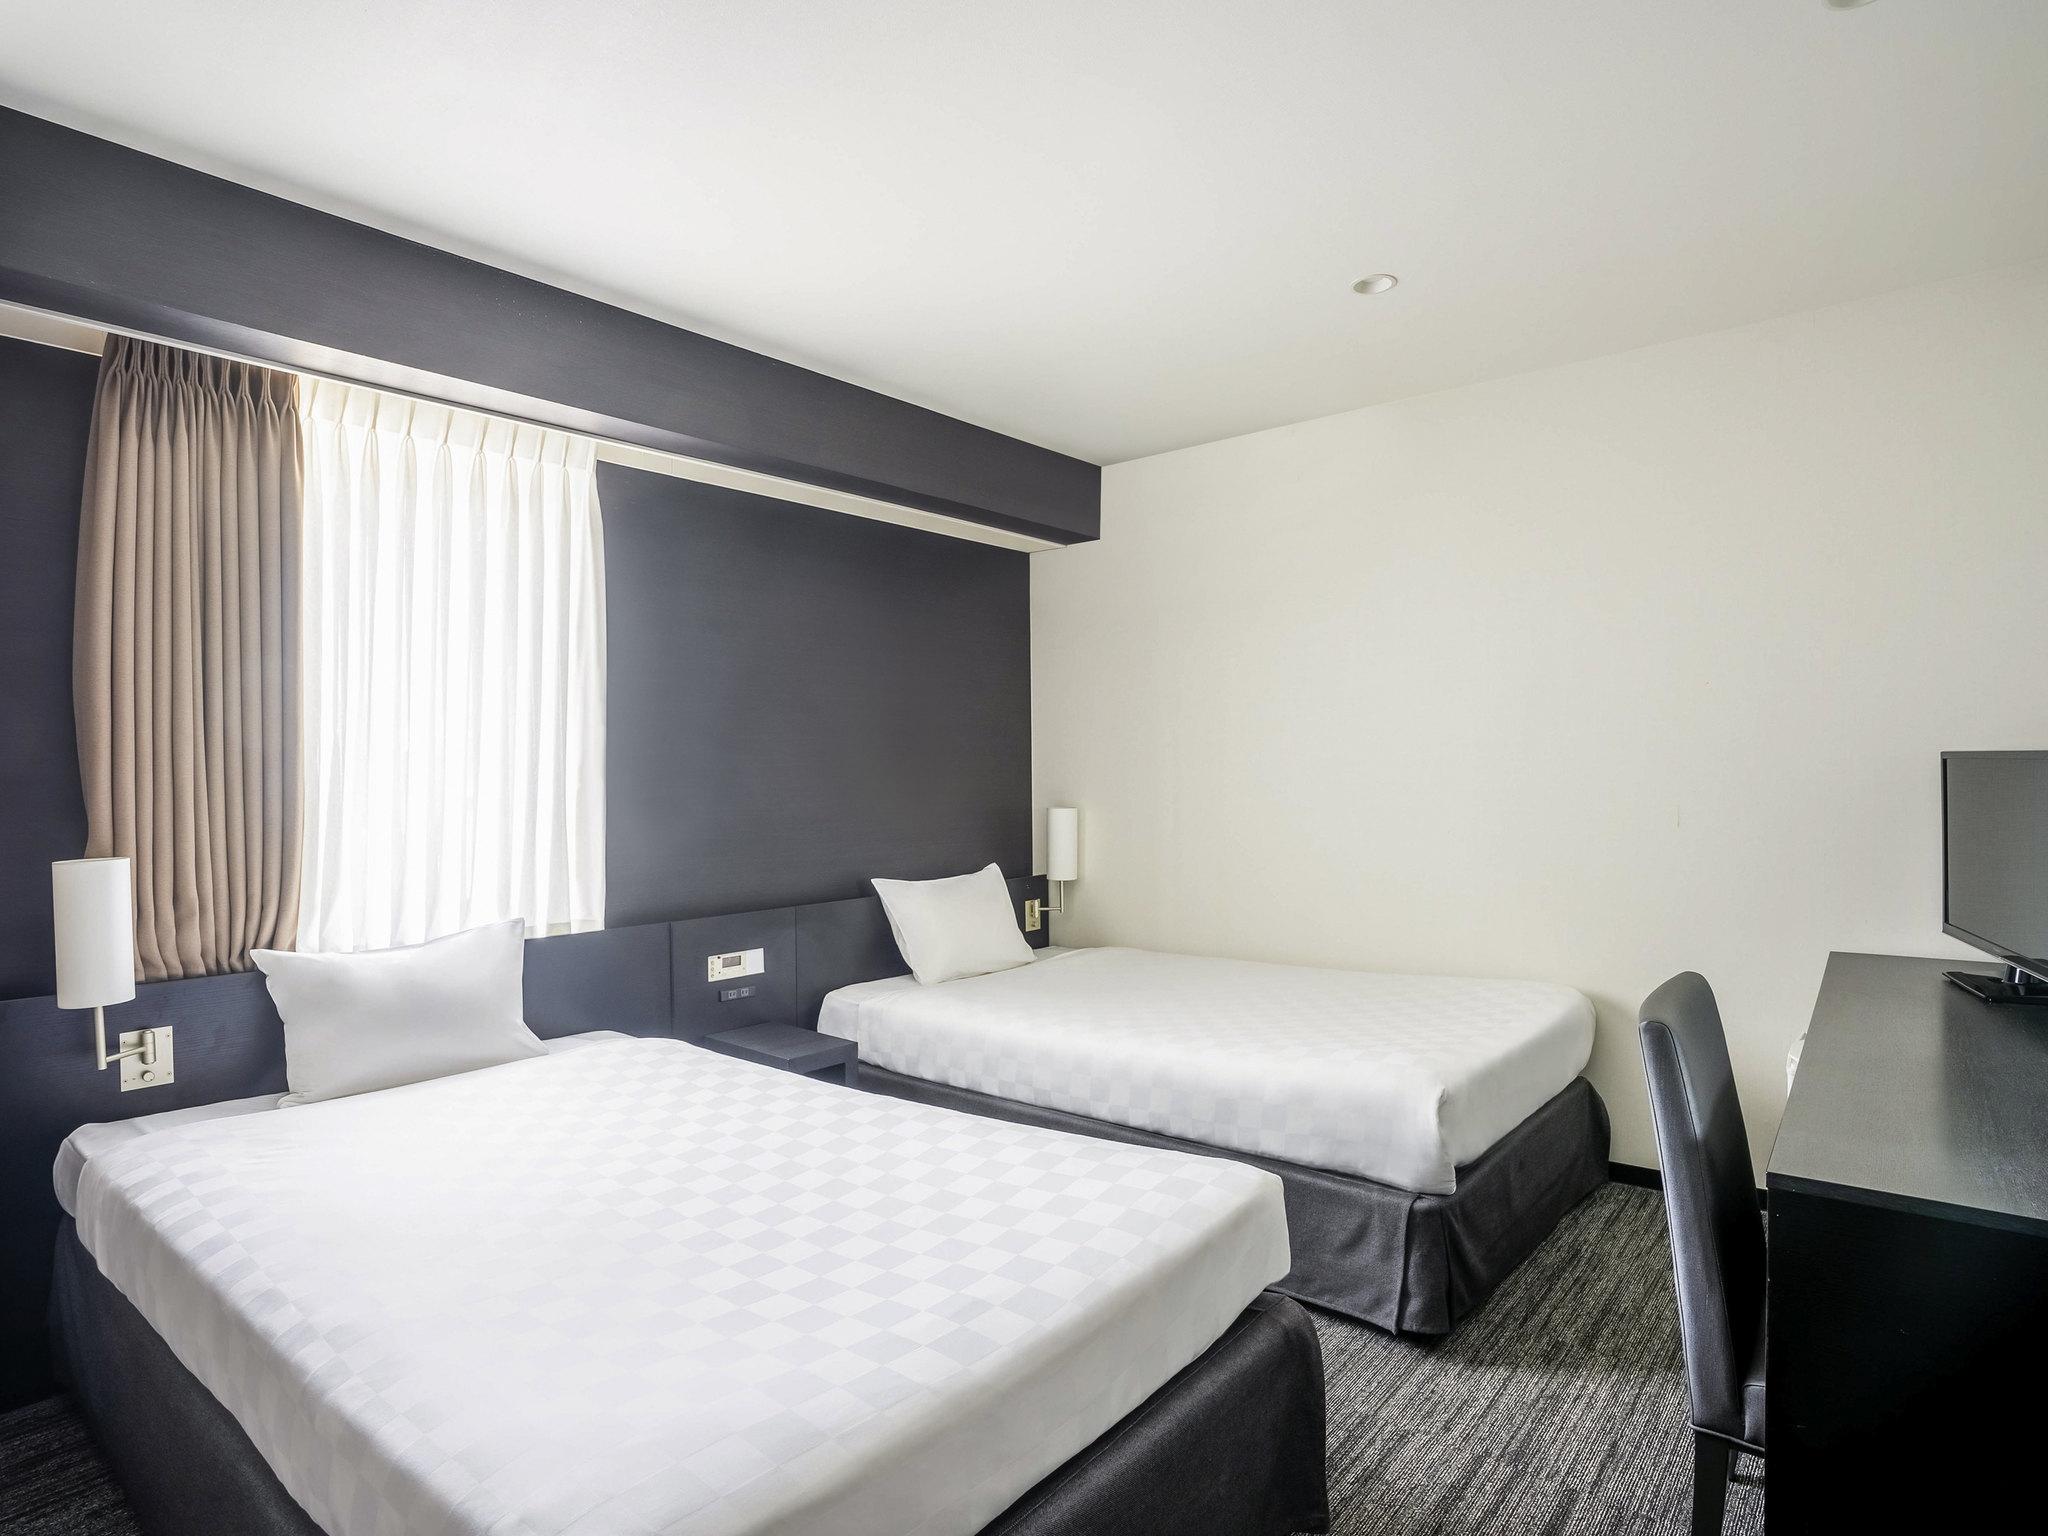 Hotel in osaka ibis styles osaka for Boutique hotel osaka